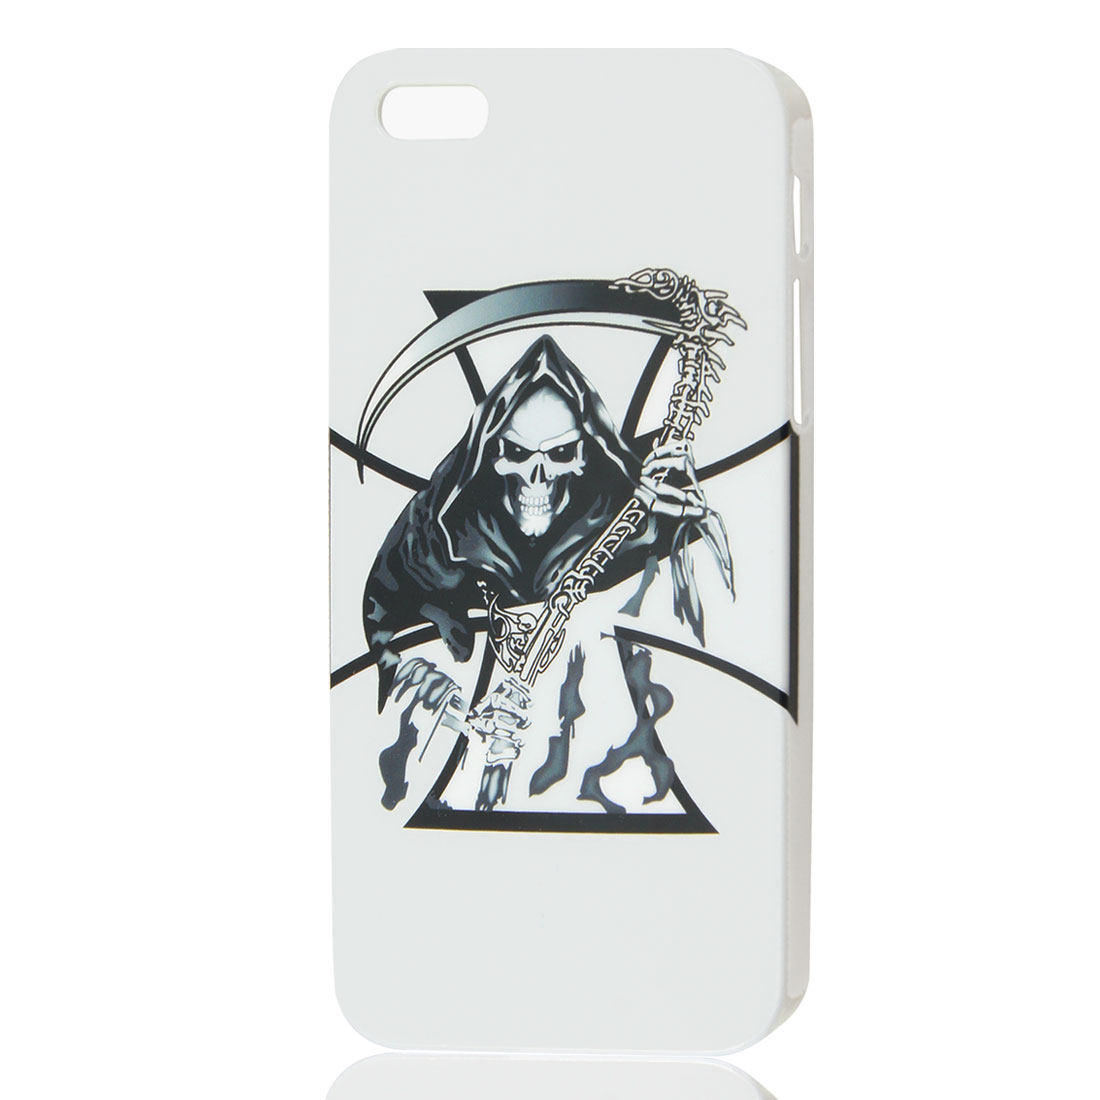 Sword Skull White IMD Hard Back Case Cover for Apple iPhone 5 5G